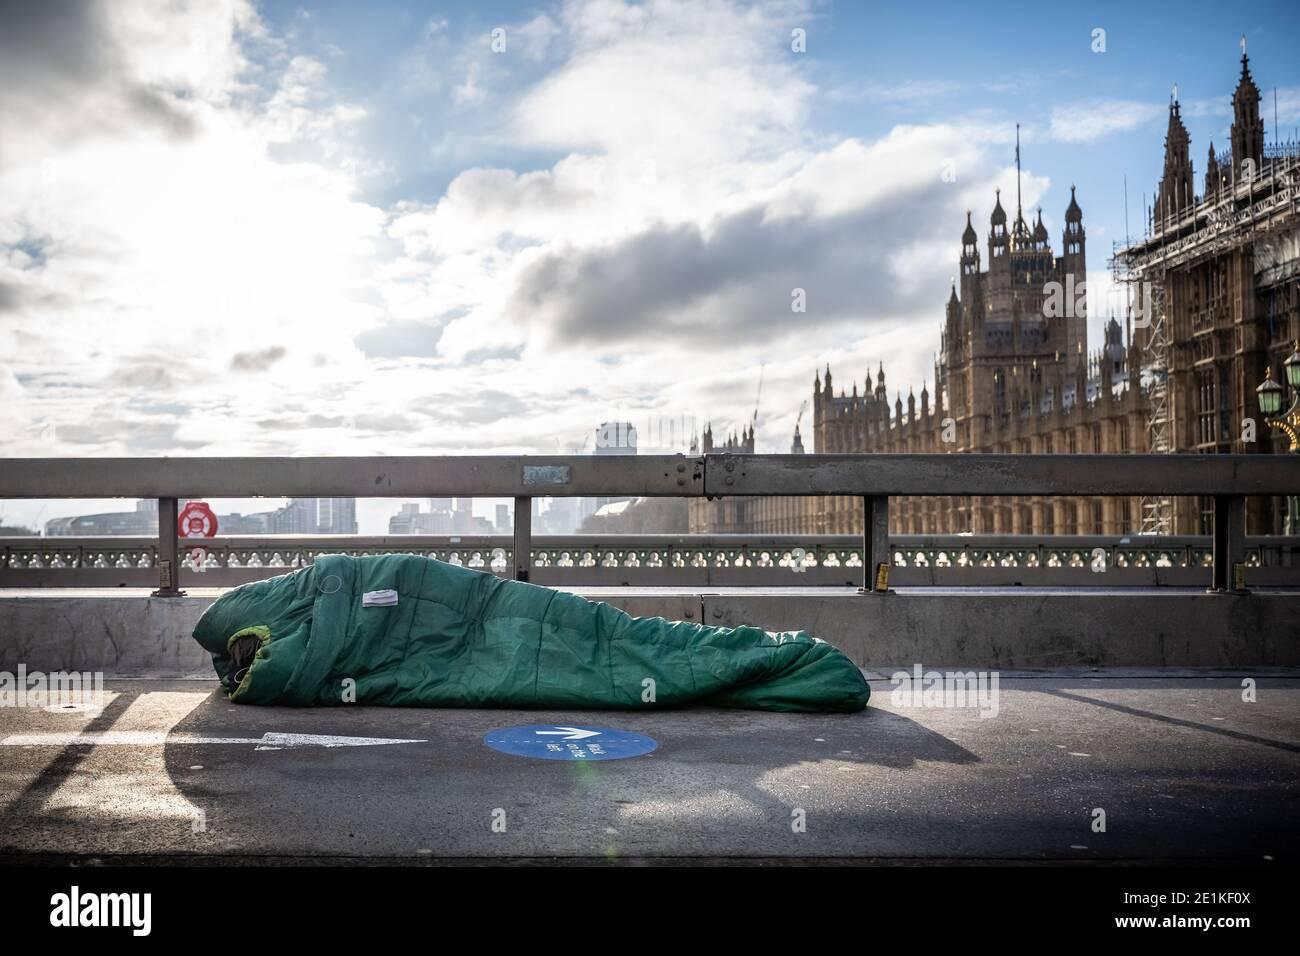 Un sommeil agace dans son sac de couchage à midi sur Westminster Bridge, Londres, Royaume-Uni. Banque D'Images